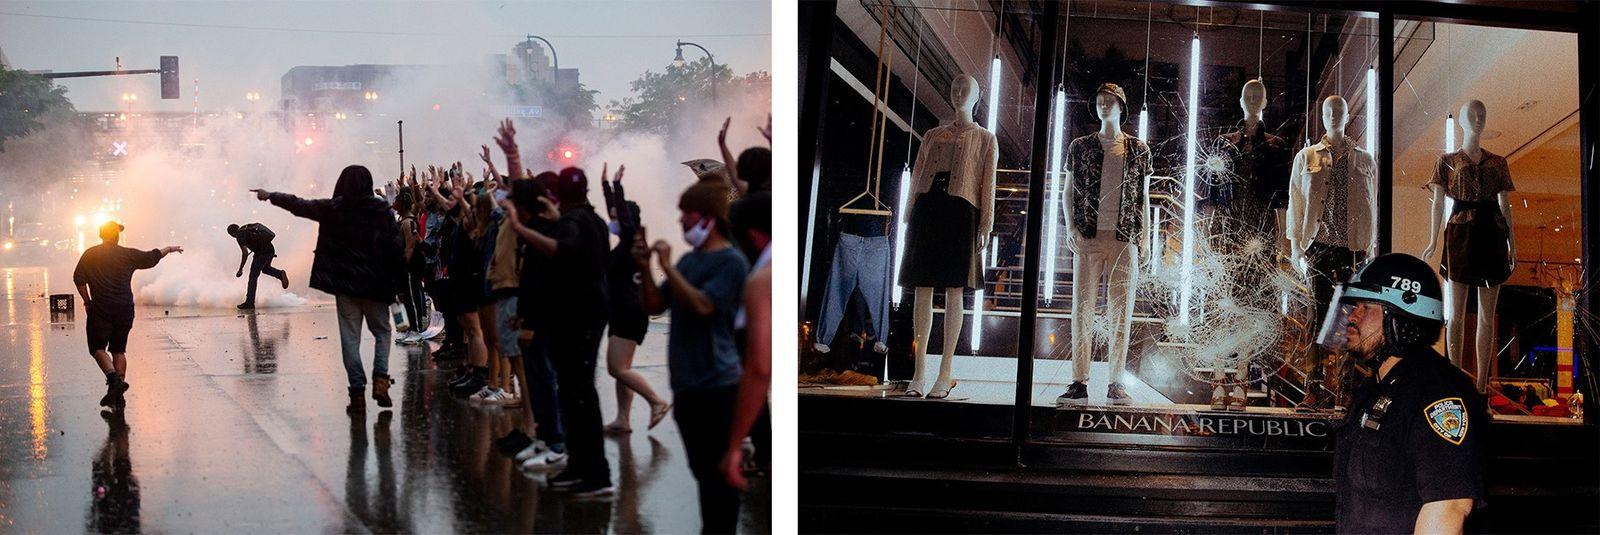 Esquerda: Em Minneapolis, pouco depois da morte de Floyd, a polícia disparou gás lacrimogéneo contra os ...